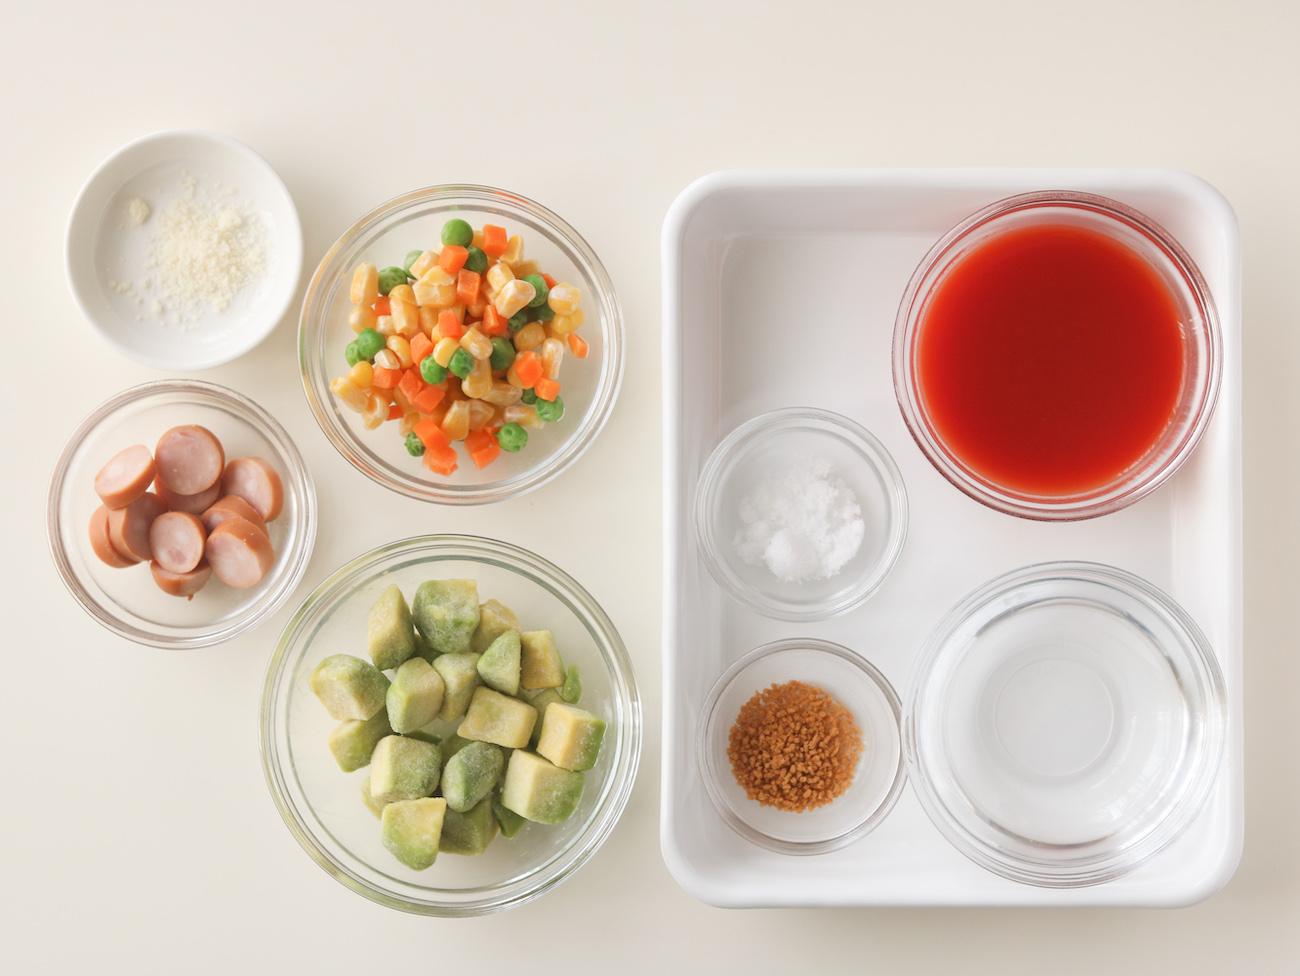 【冷凍アボカド活用レシピ付き】いつでも食べごろ&自炊を楽にしてくれる冷凍アボカドのススメ